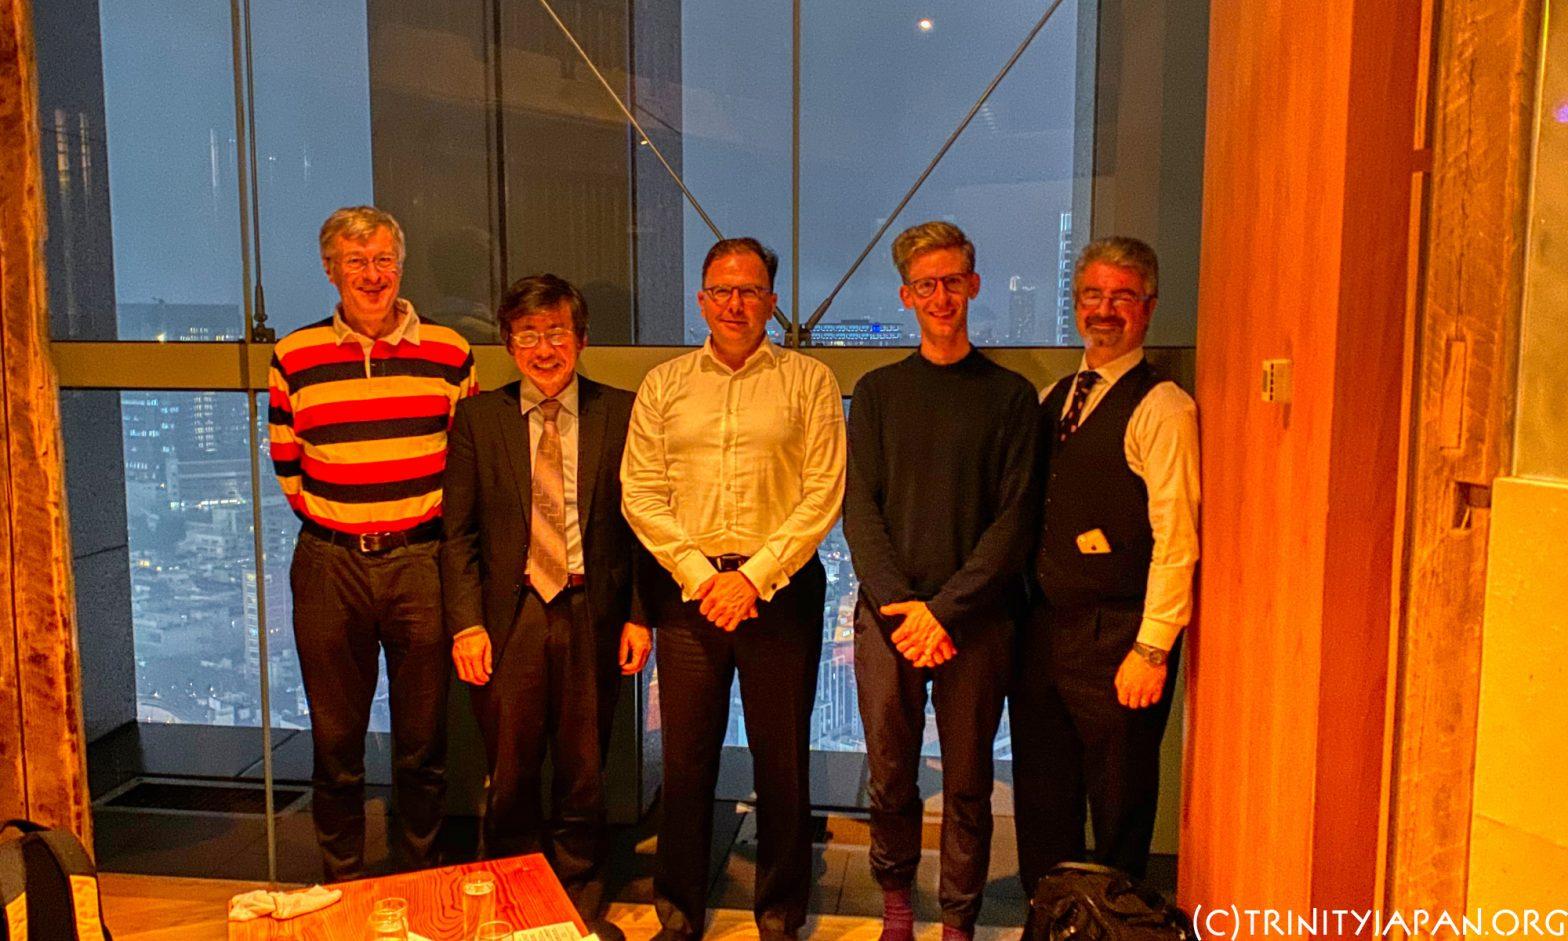 2019年10月18日ラグビーワールドカップの特別ミーティング、ヴォルフガング・ウンゲレル氏(1990)の自動車業界の将来についての公演